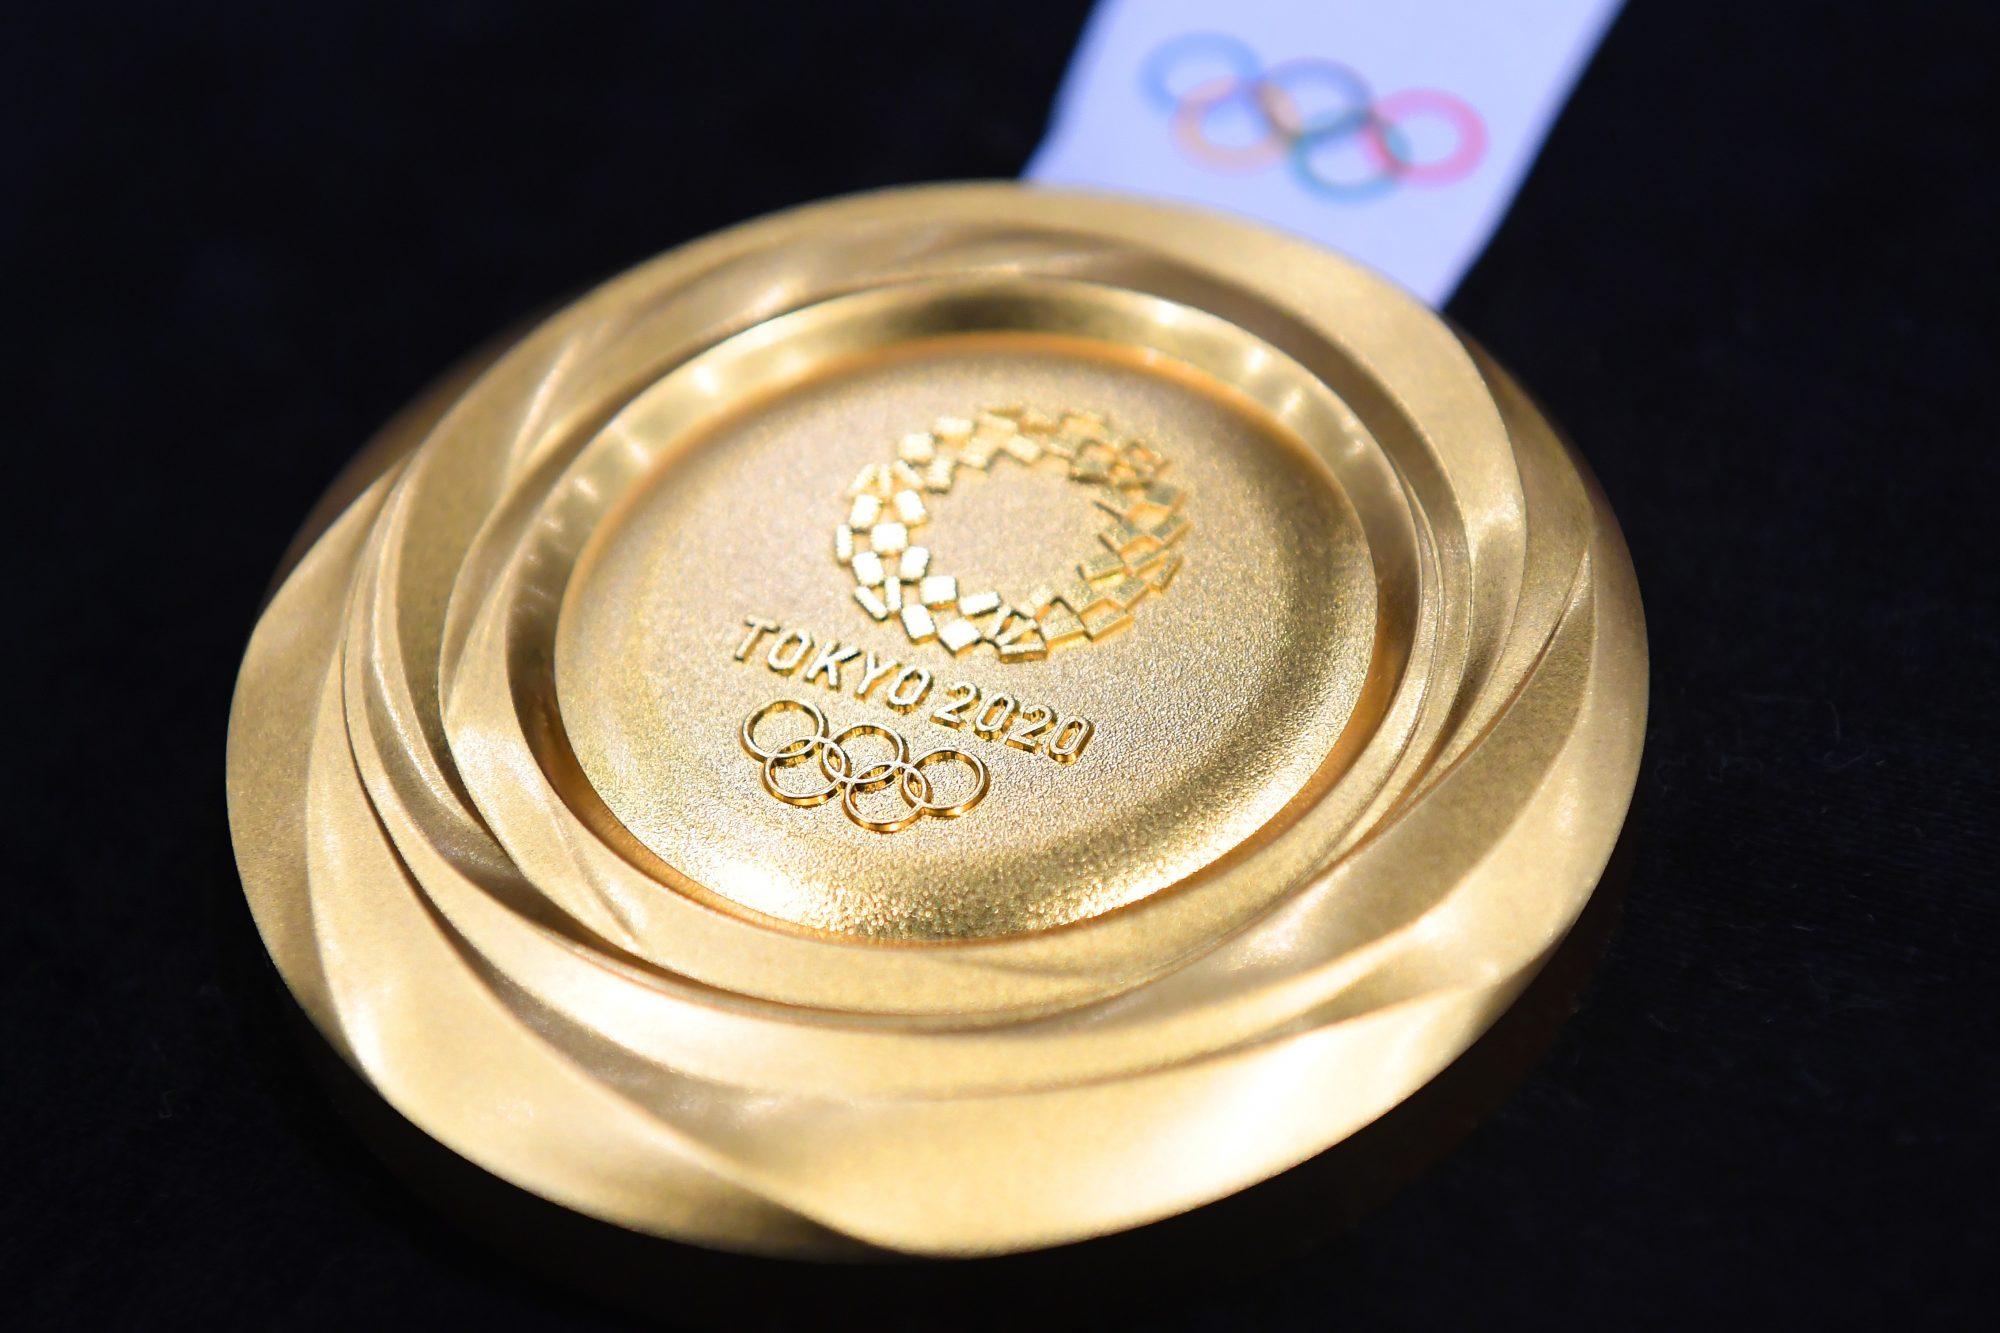 Medalla de Tokyo 2020